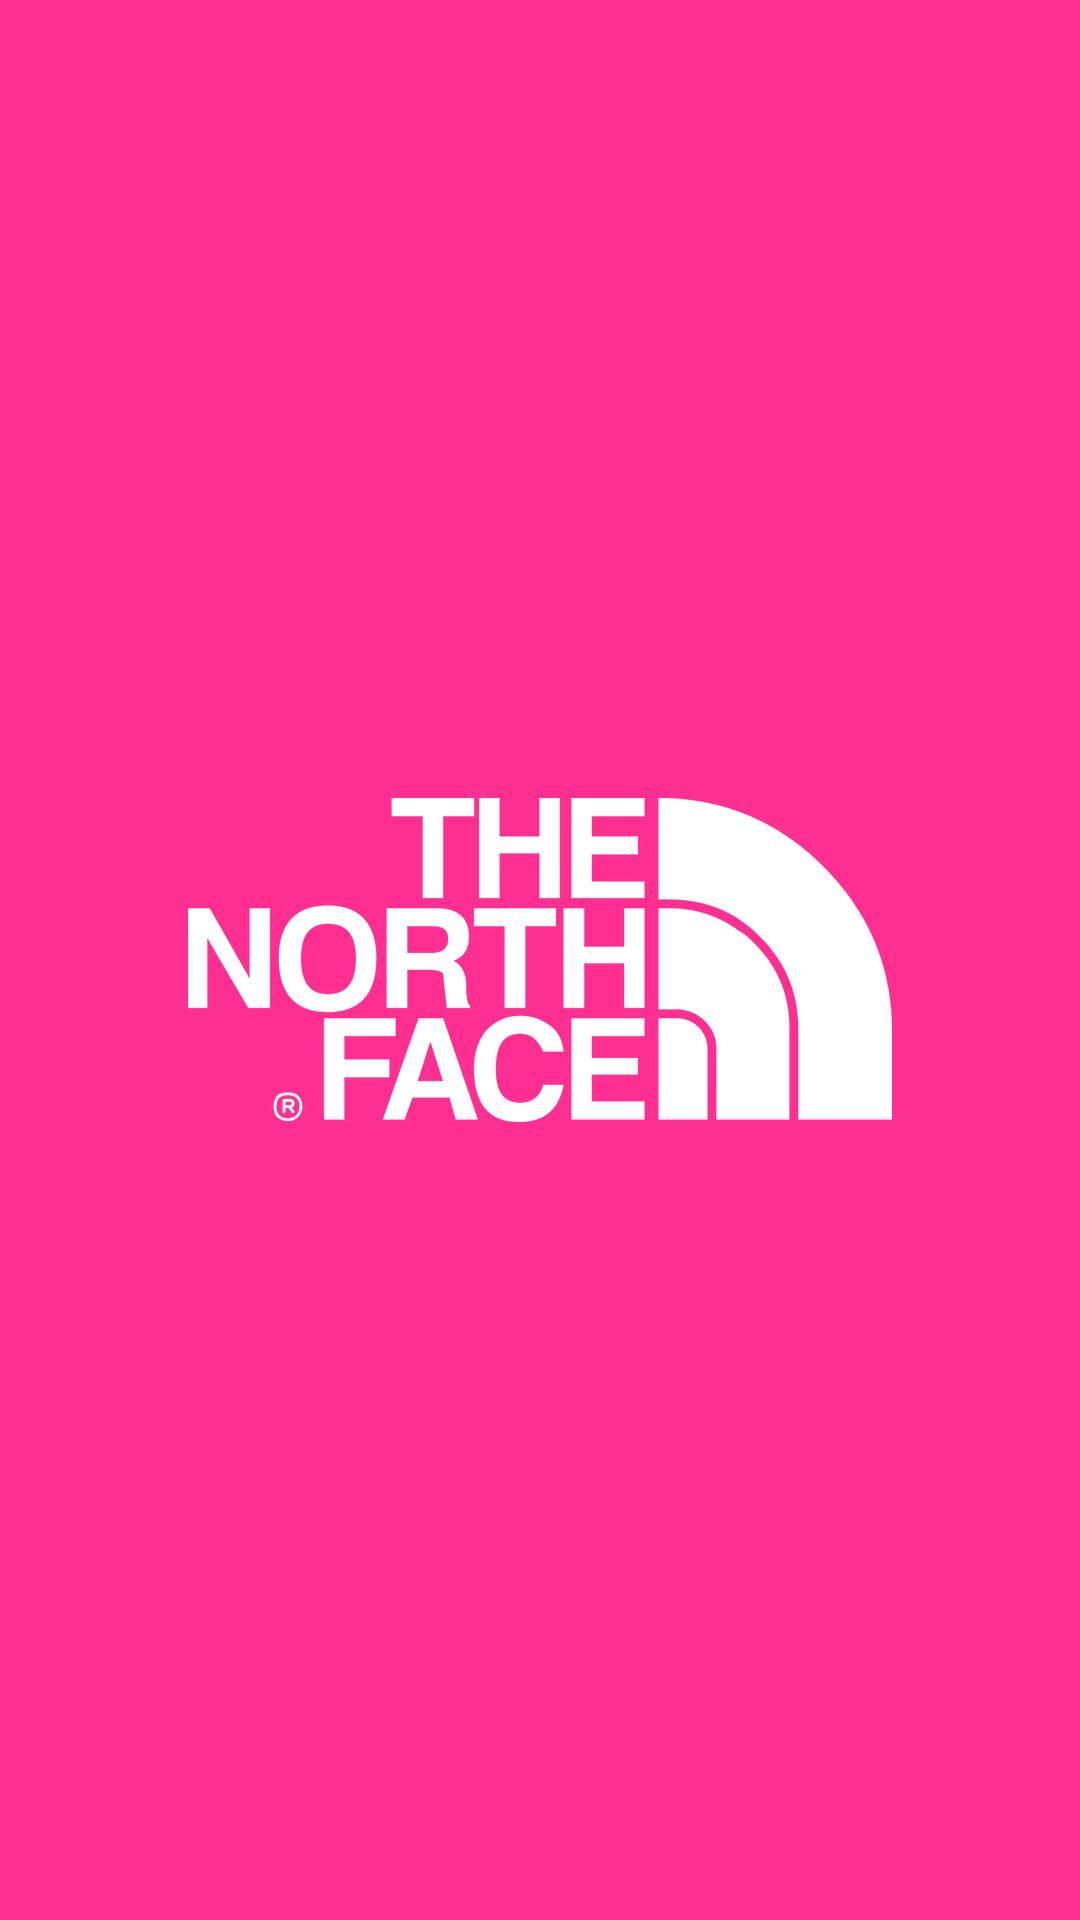 ザ ノース フェイス The North Face18 ピンク 壁紙 Iphone ザ